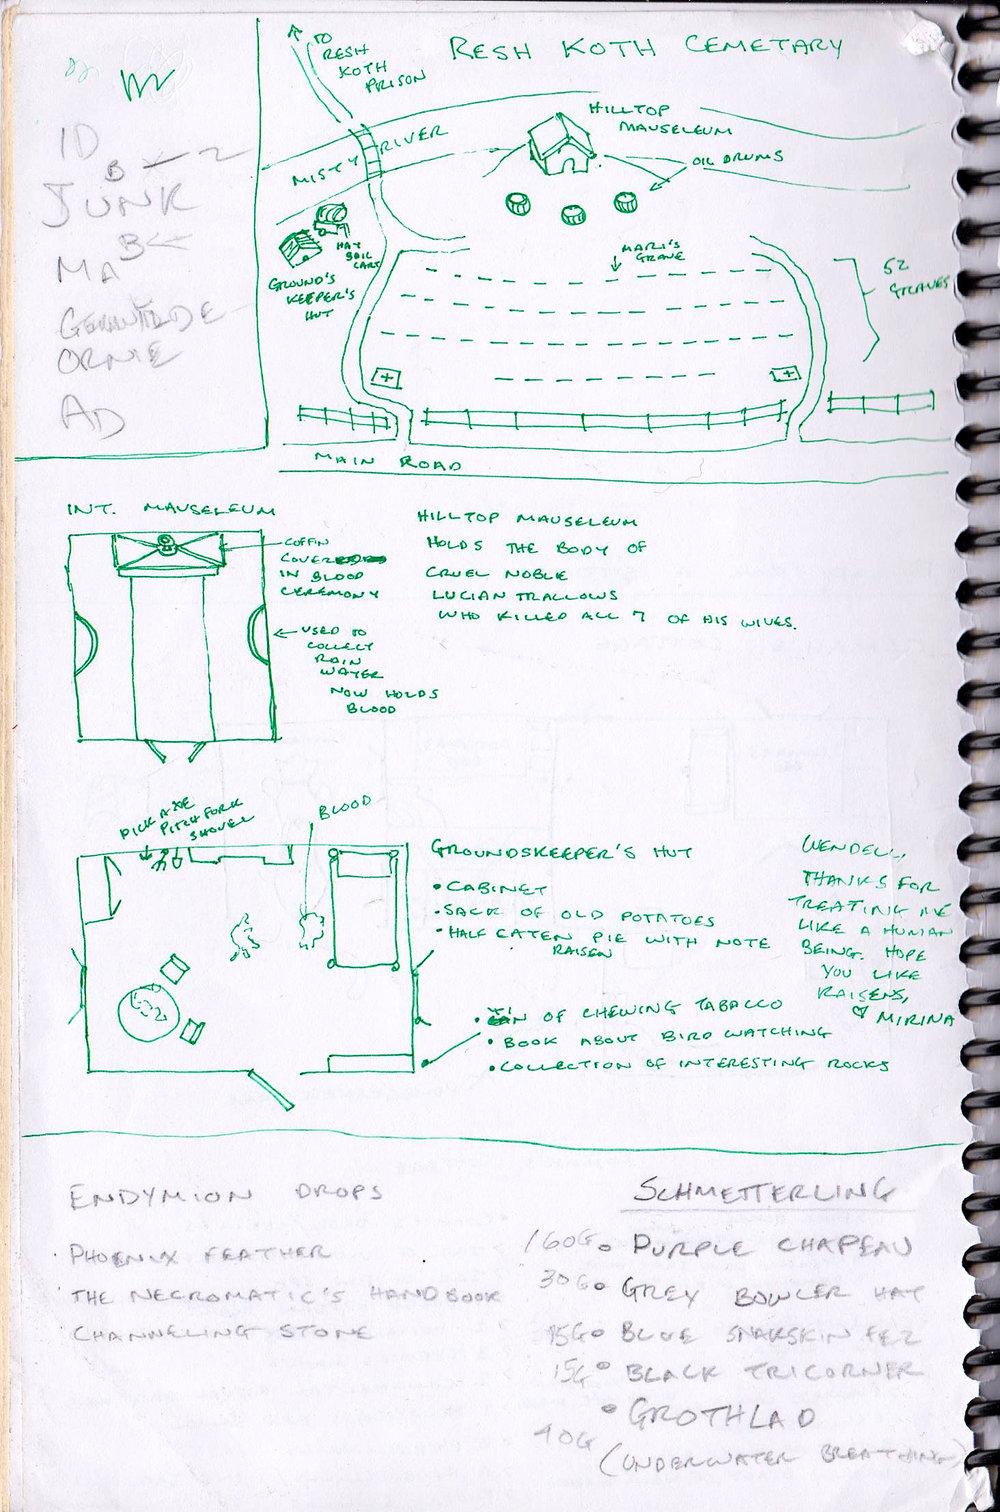 ch4_notebook_03.jpg